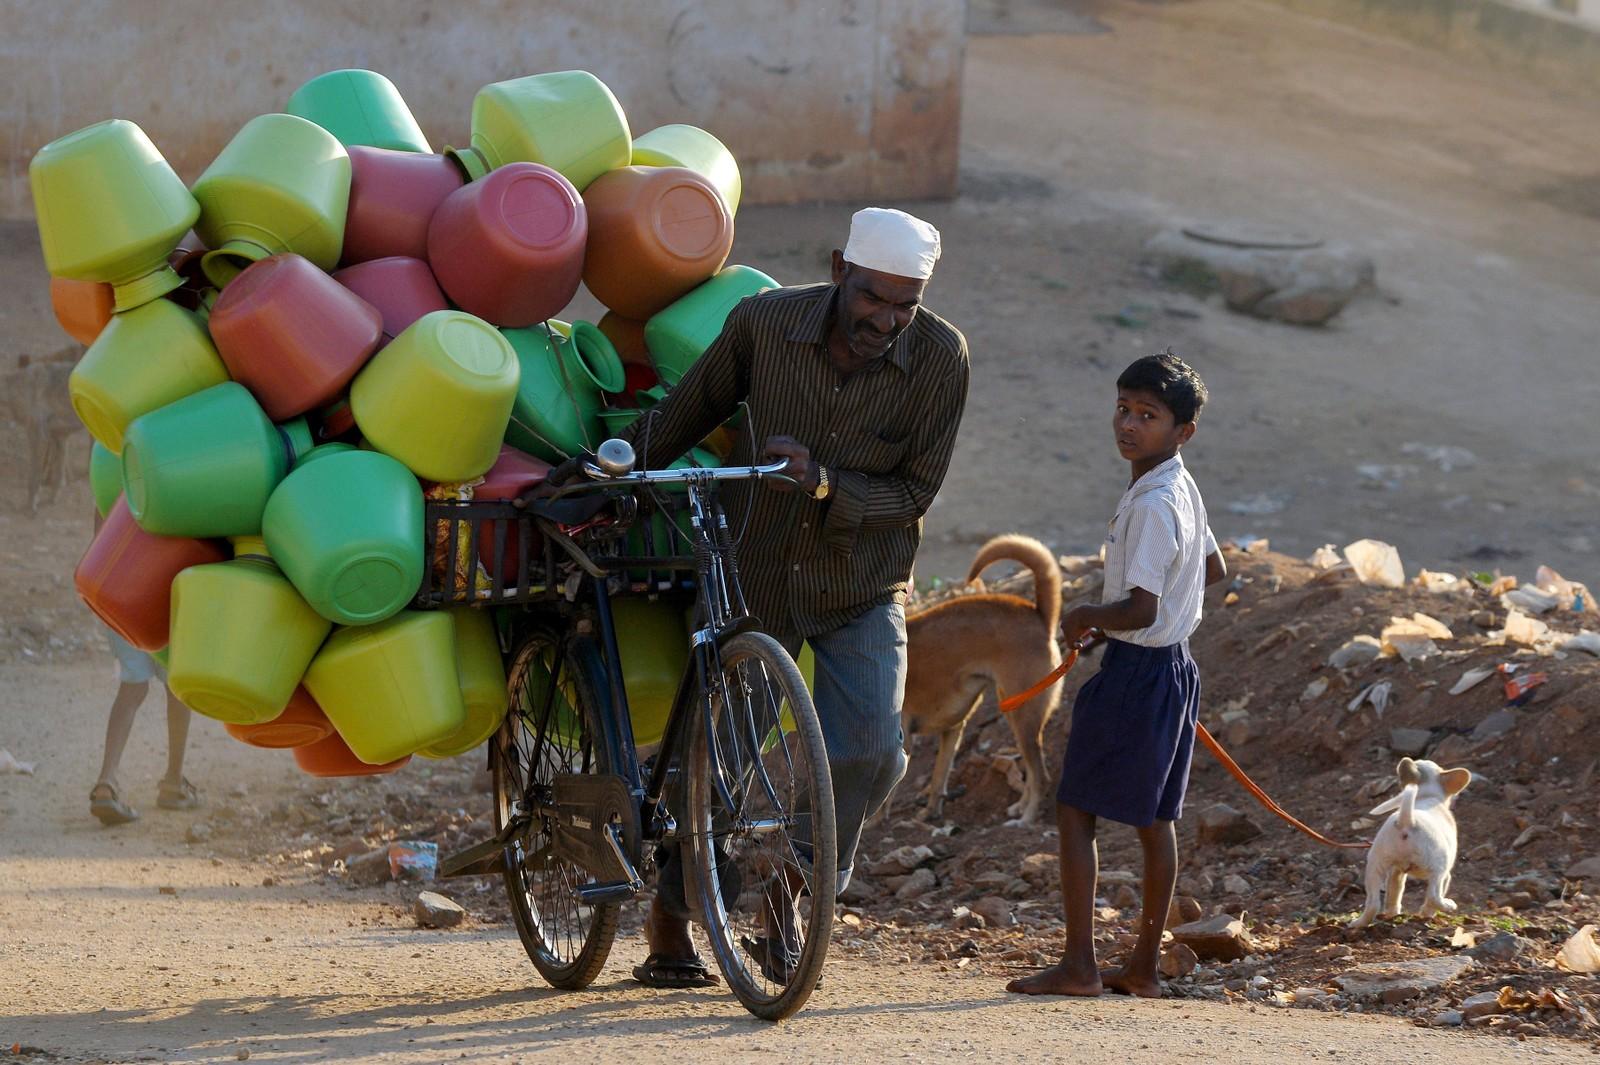 En indisk mann har lastet sykkelen med vanntanker han skal selge i butikken sin.